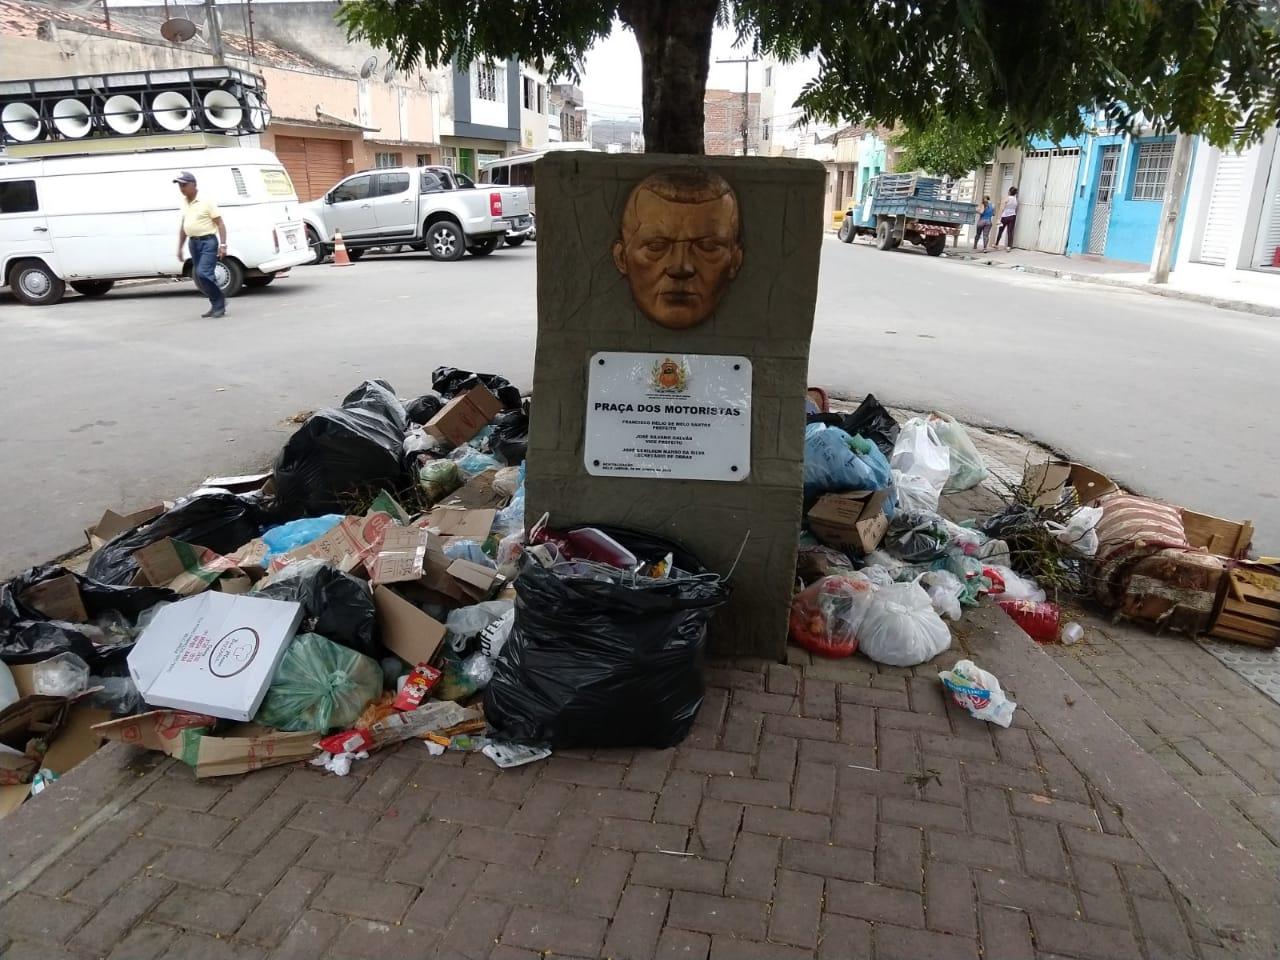 Cidade abandonada e lixo tomando conta das ruas e praças